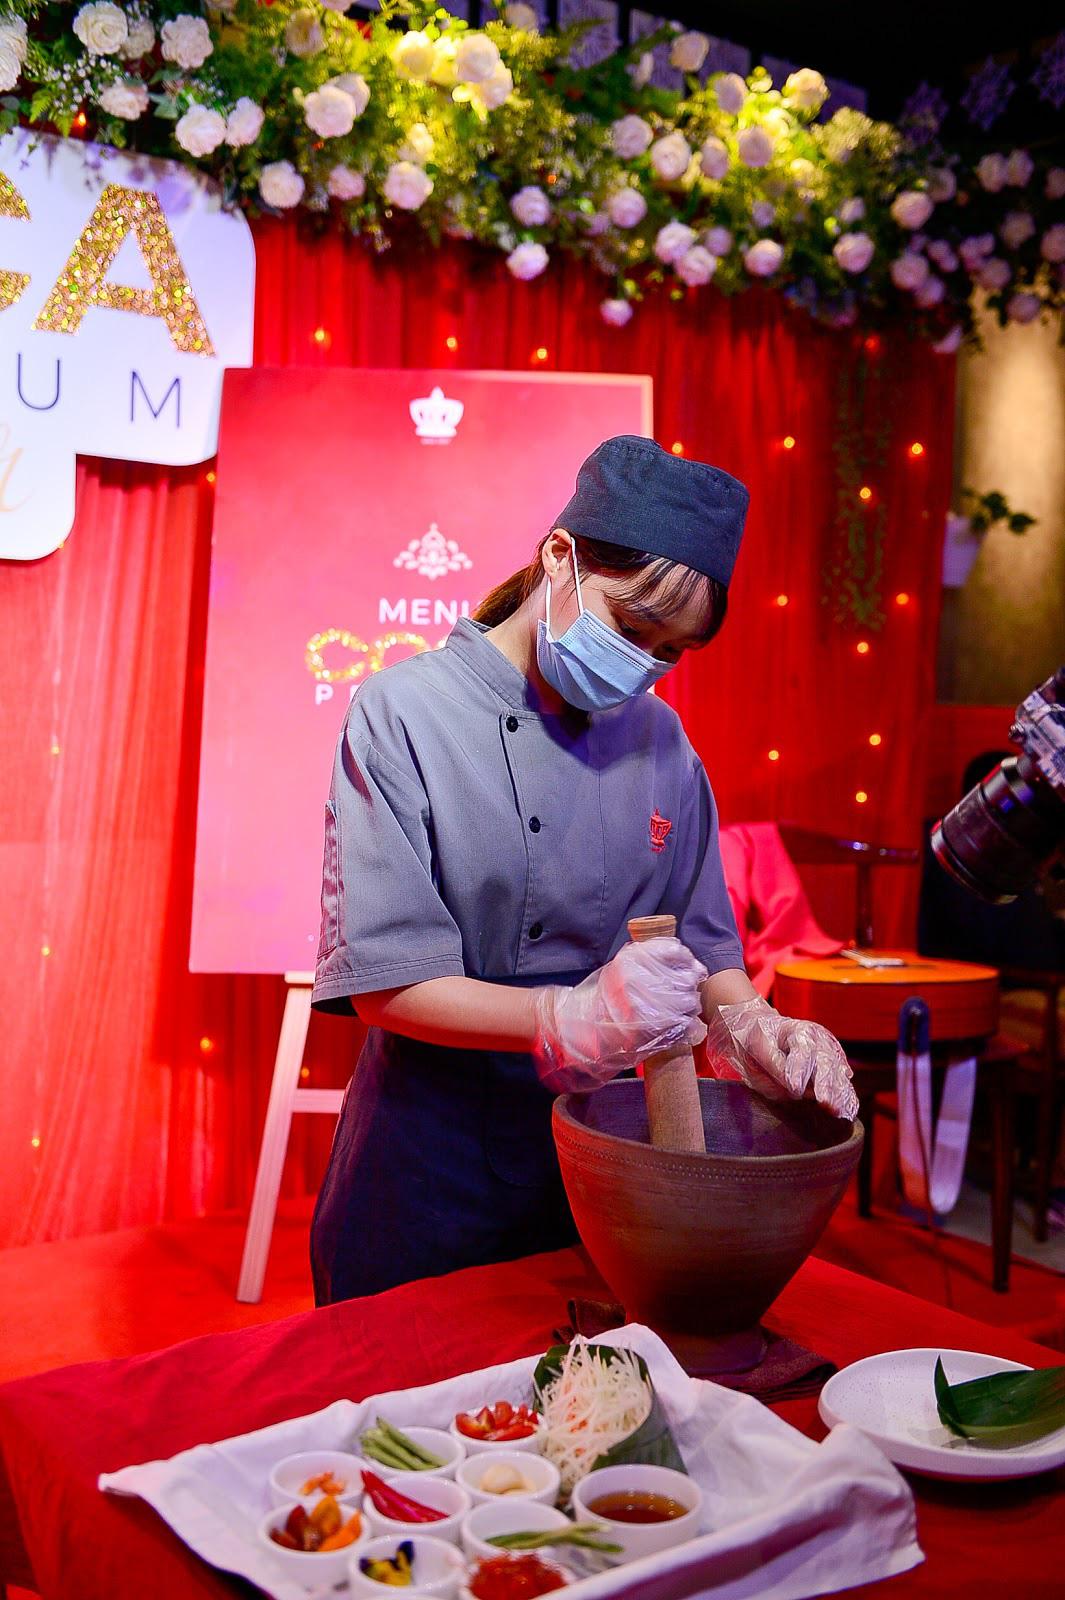 COCA Restaurant 75 Láng Hạ - nhà hàng đạt tiêu chuẩn Thai Select tại Việt Nam chính thức giới thiệu thực đơn mới cực sang chảnh - Ảnh 10.